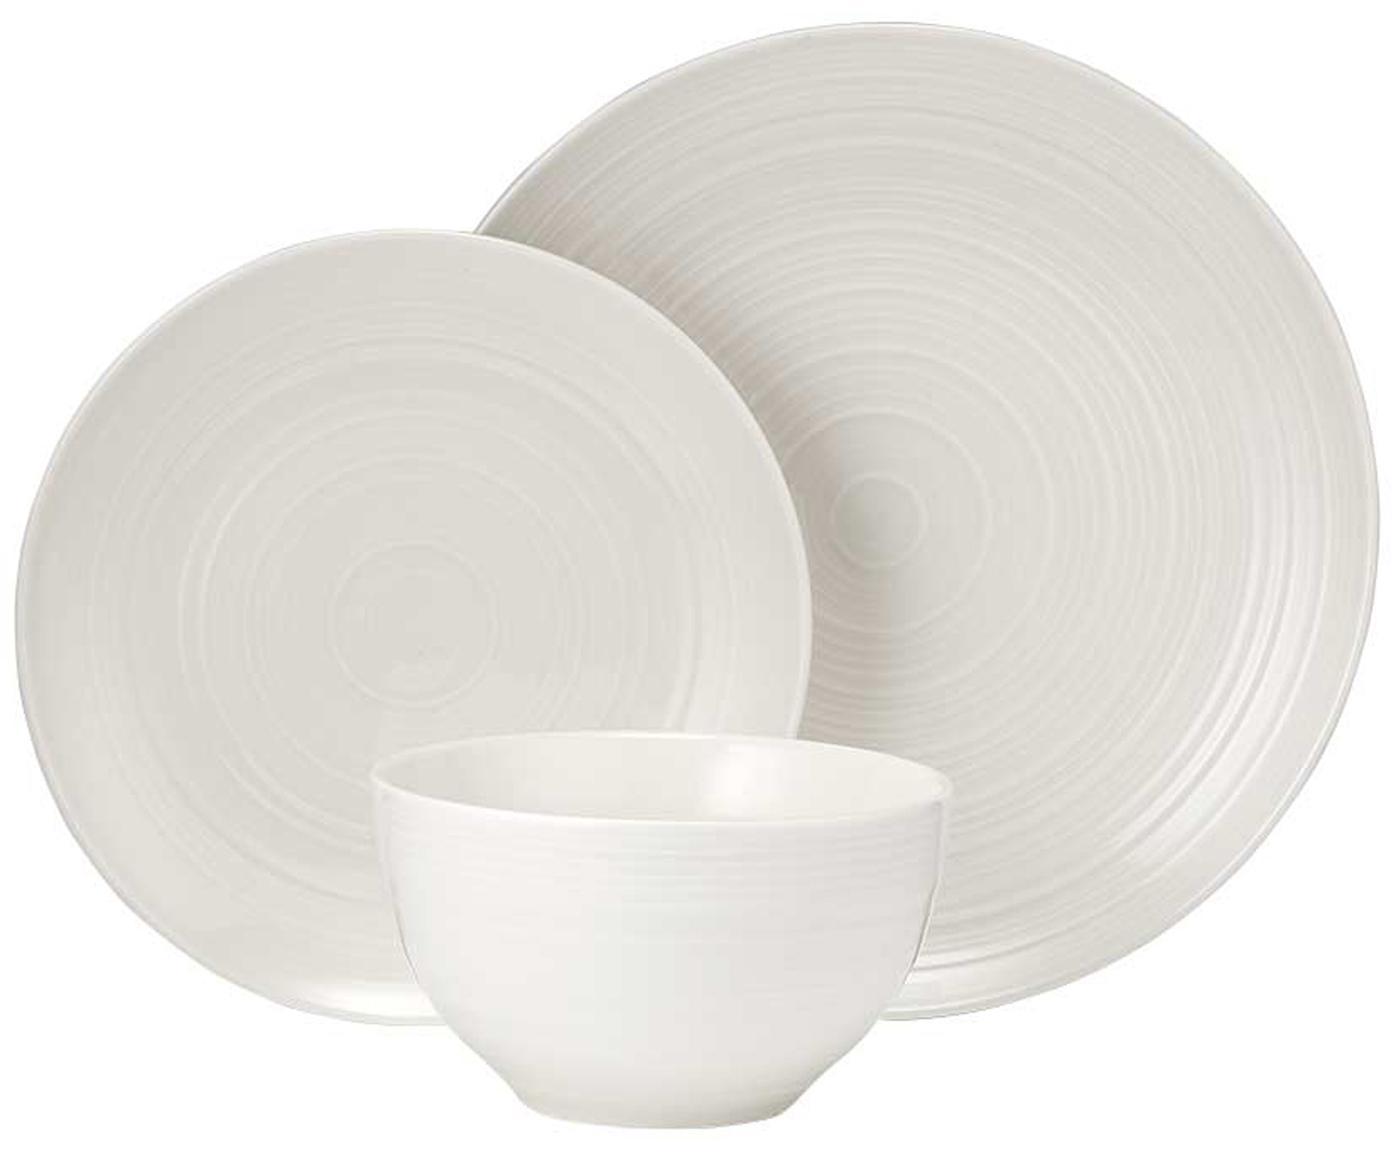 Vajilla Darby, 4comensales (12pzas.), Porcelana New Bone, Blanco, Tamaños diferentes